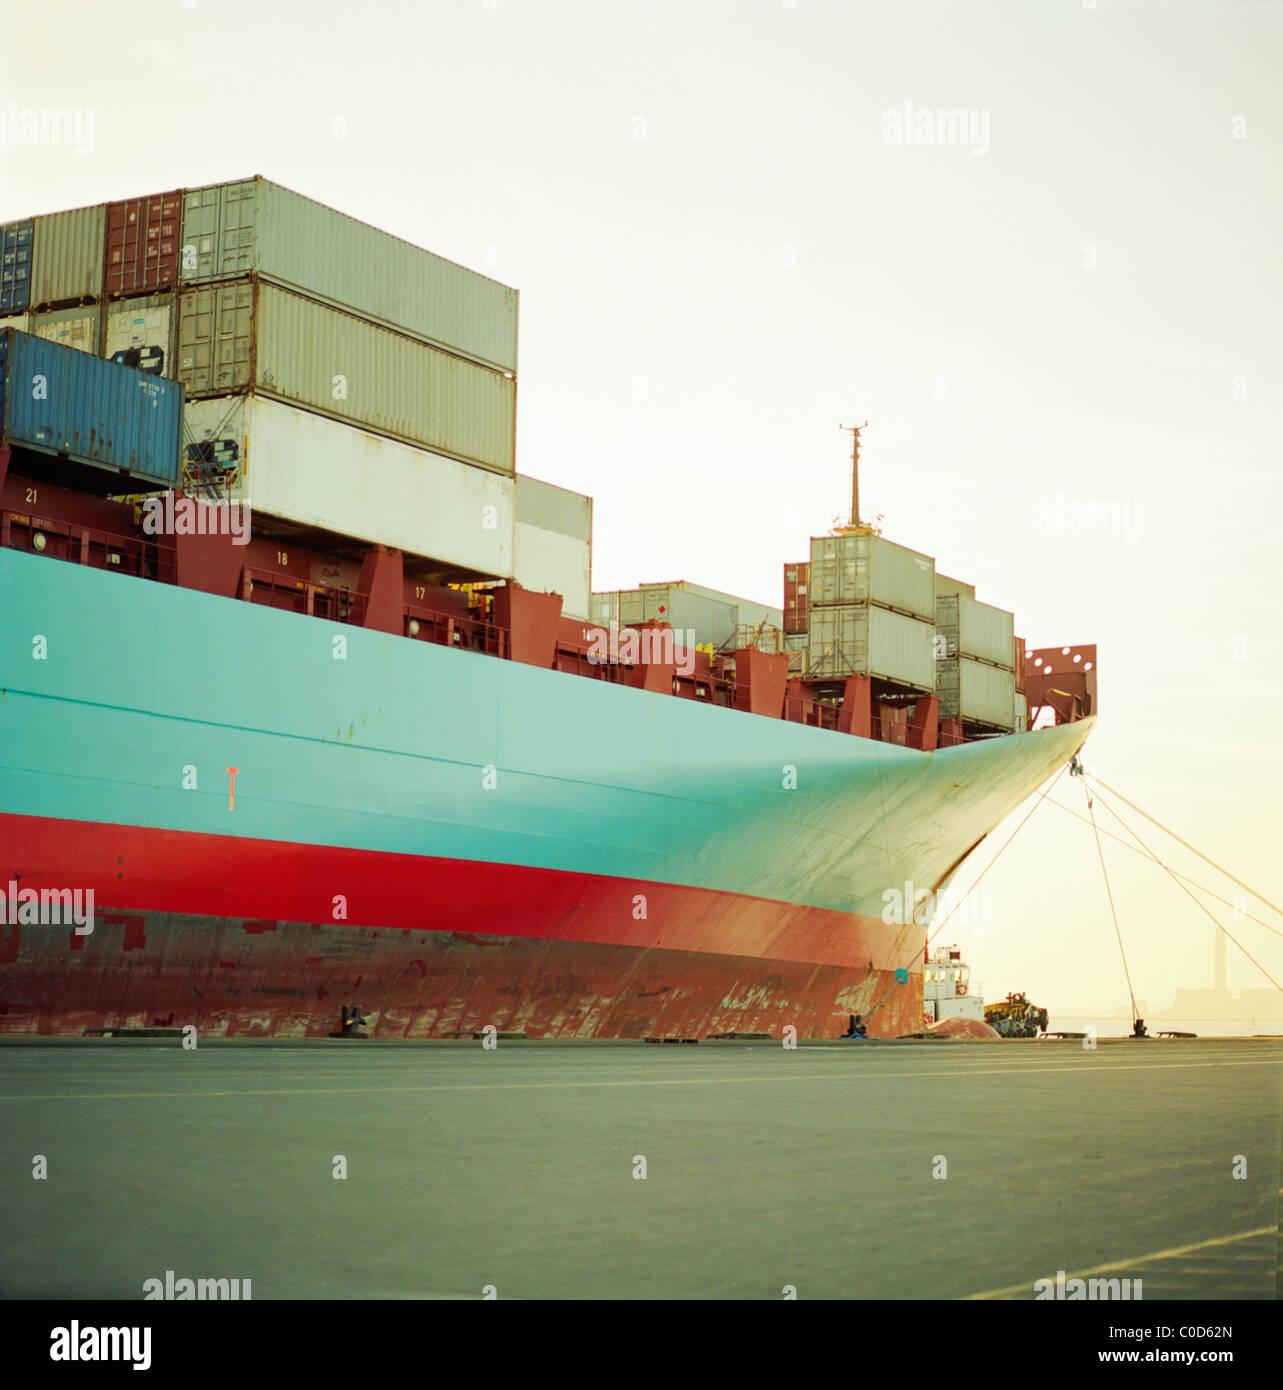 Un porte-conteneurs en attente à quai entièrement chargé Photo Stock